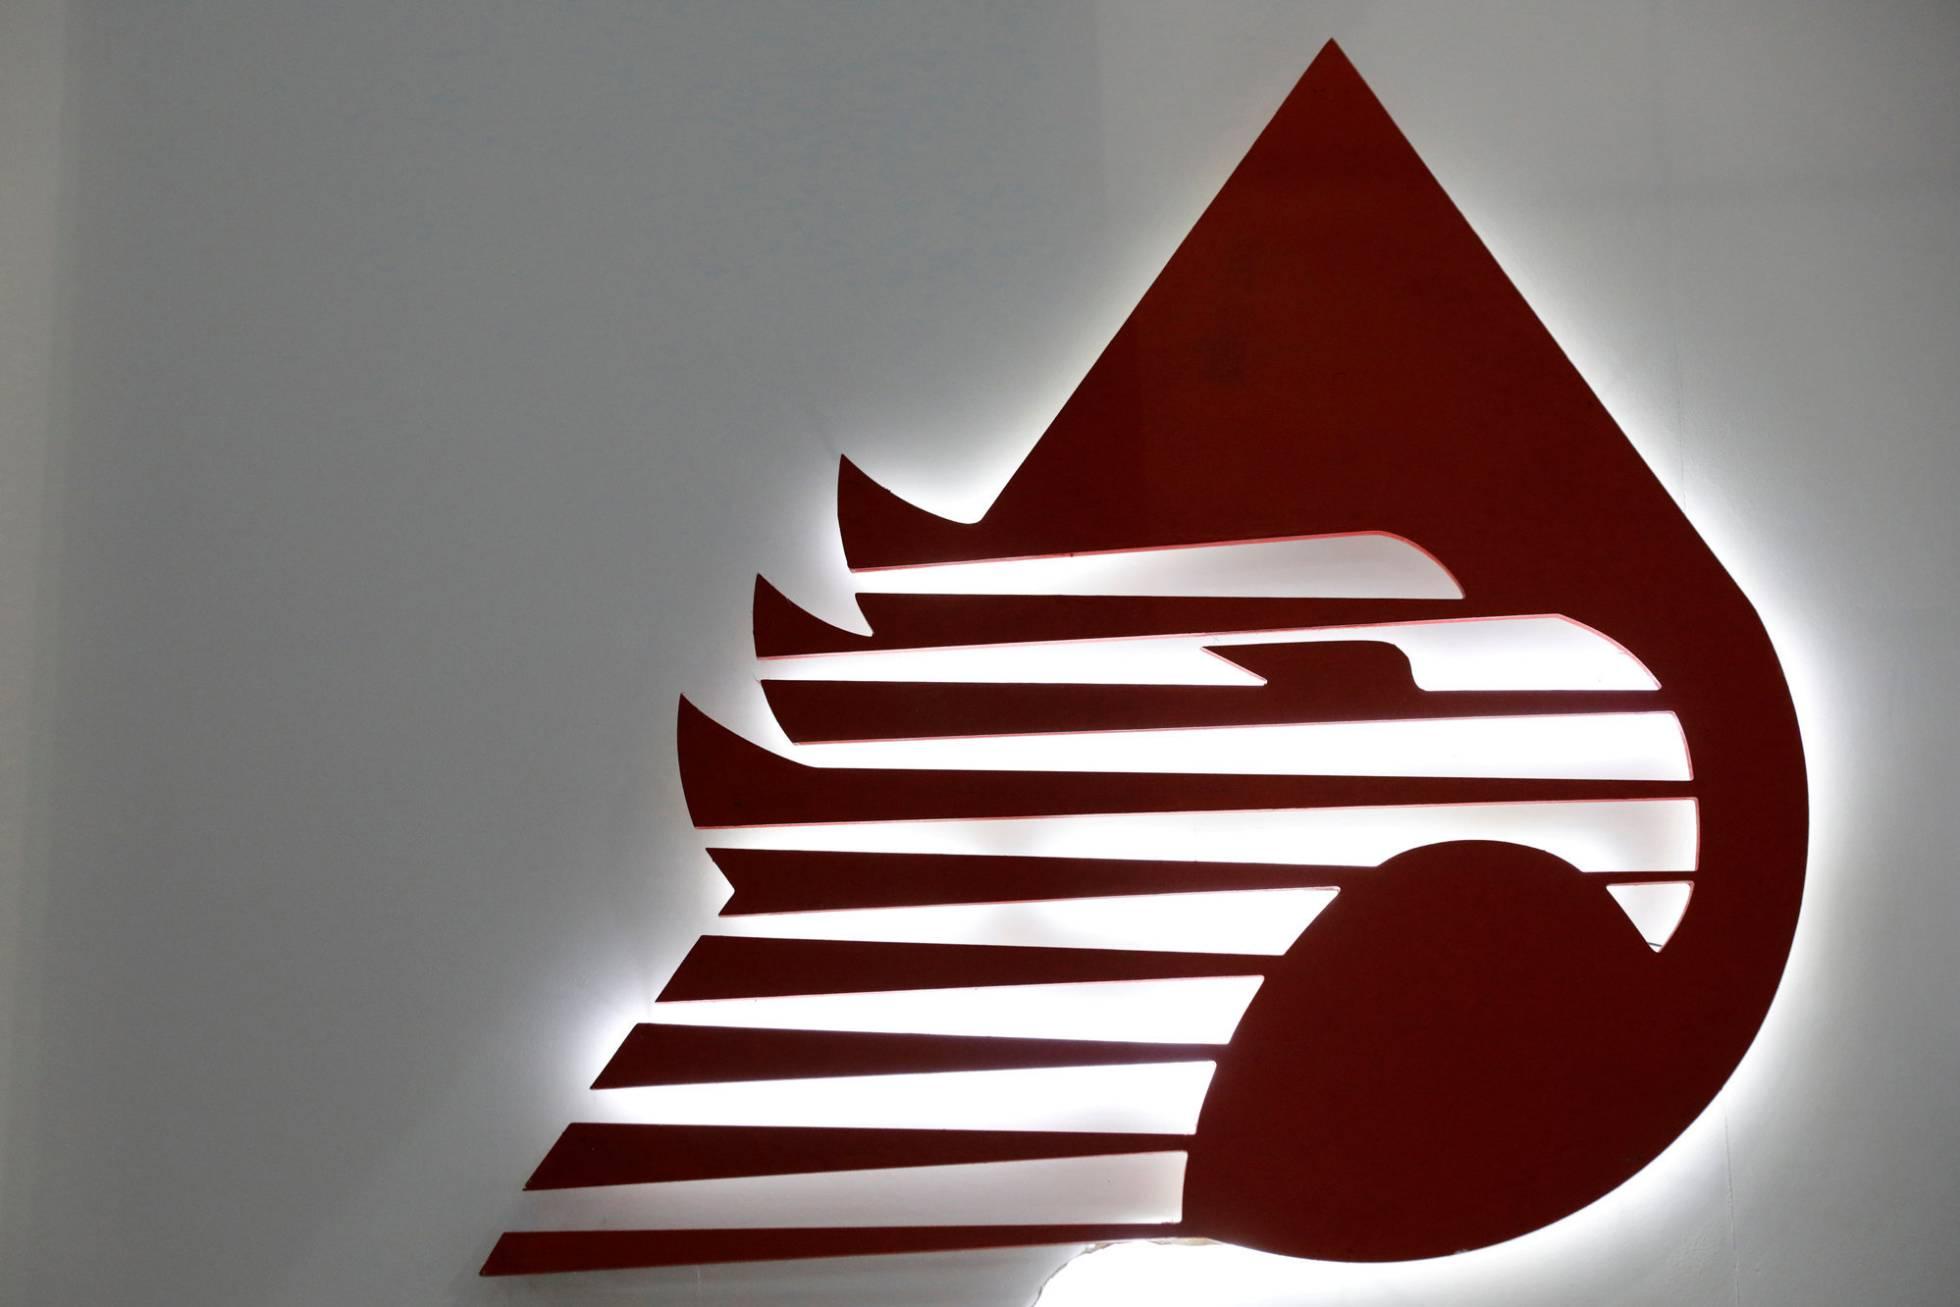 Pemex perdió más de 17.000 millones de dólares en 2017, un 75% más que el año anterior